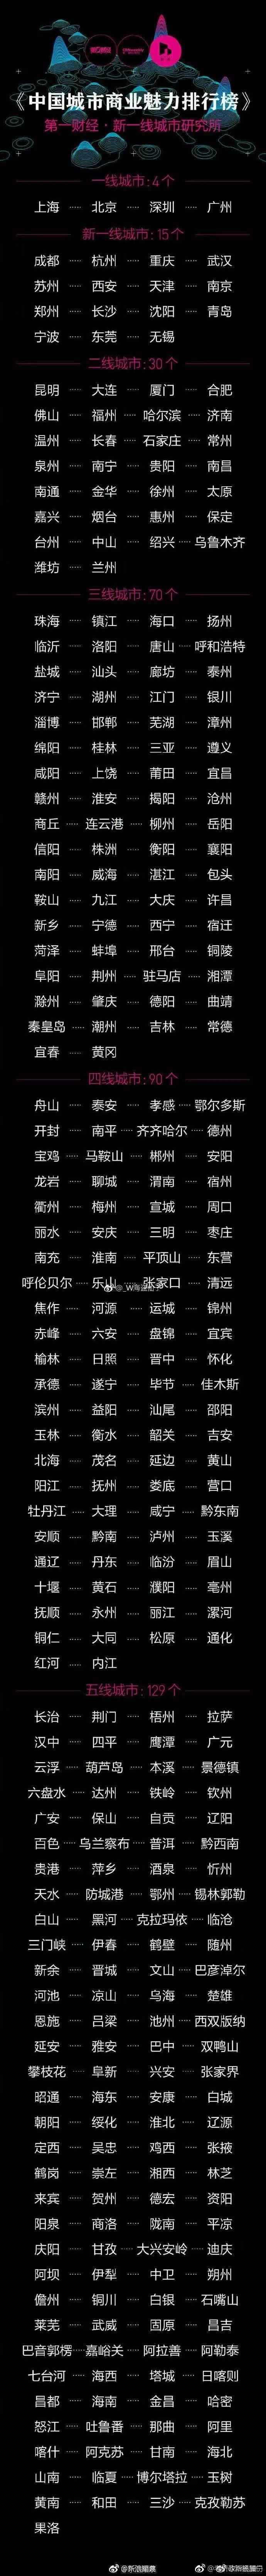 头条|重磅!中国最新城市分级出炉,澳门金沙城中心到底是几线城市?